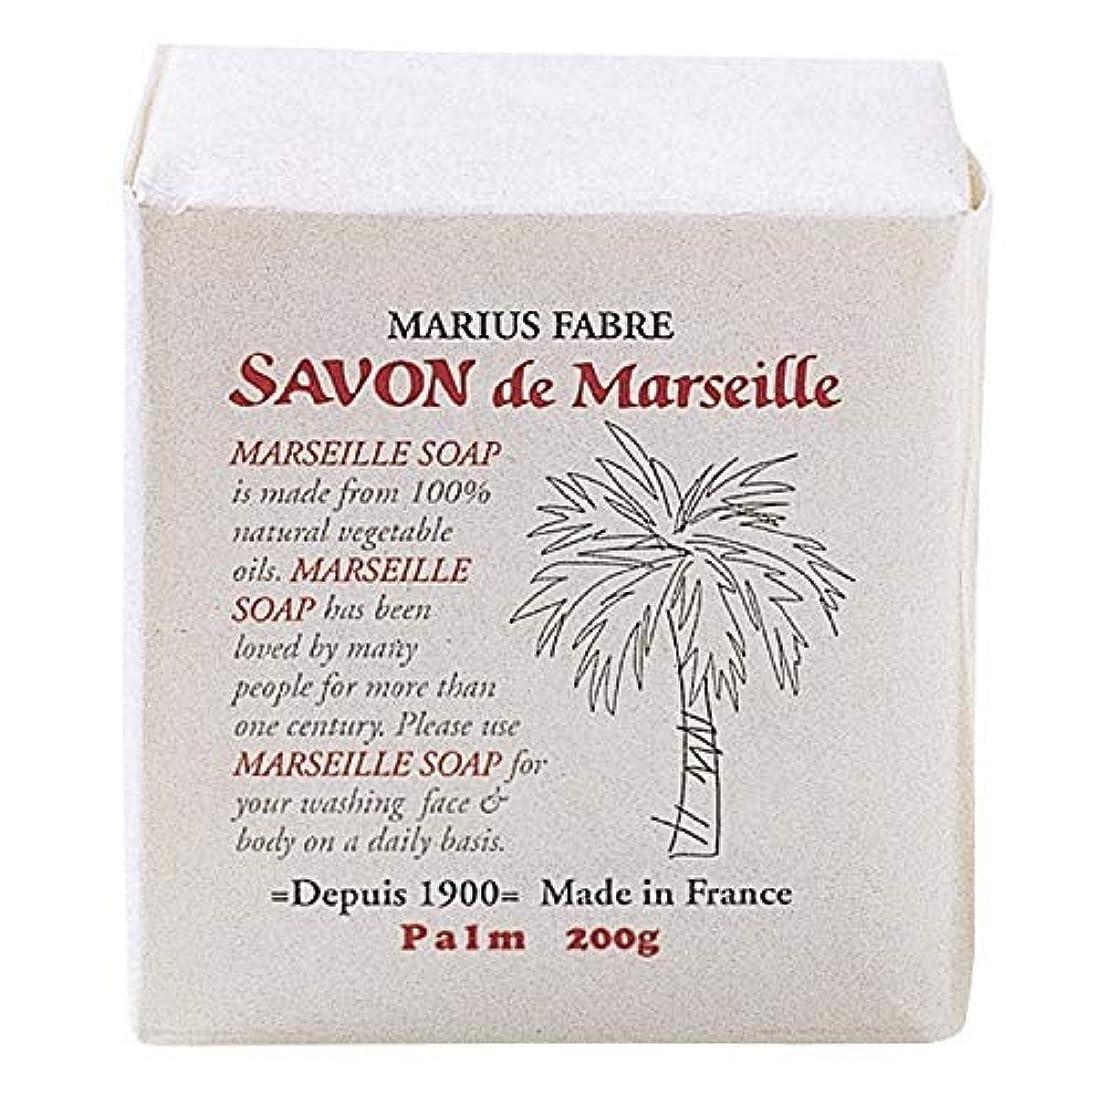 晩餐襟リーダーシップサボンドマルセイユ 無香料 パーム 200g